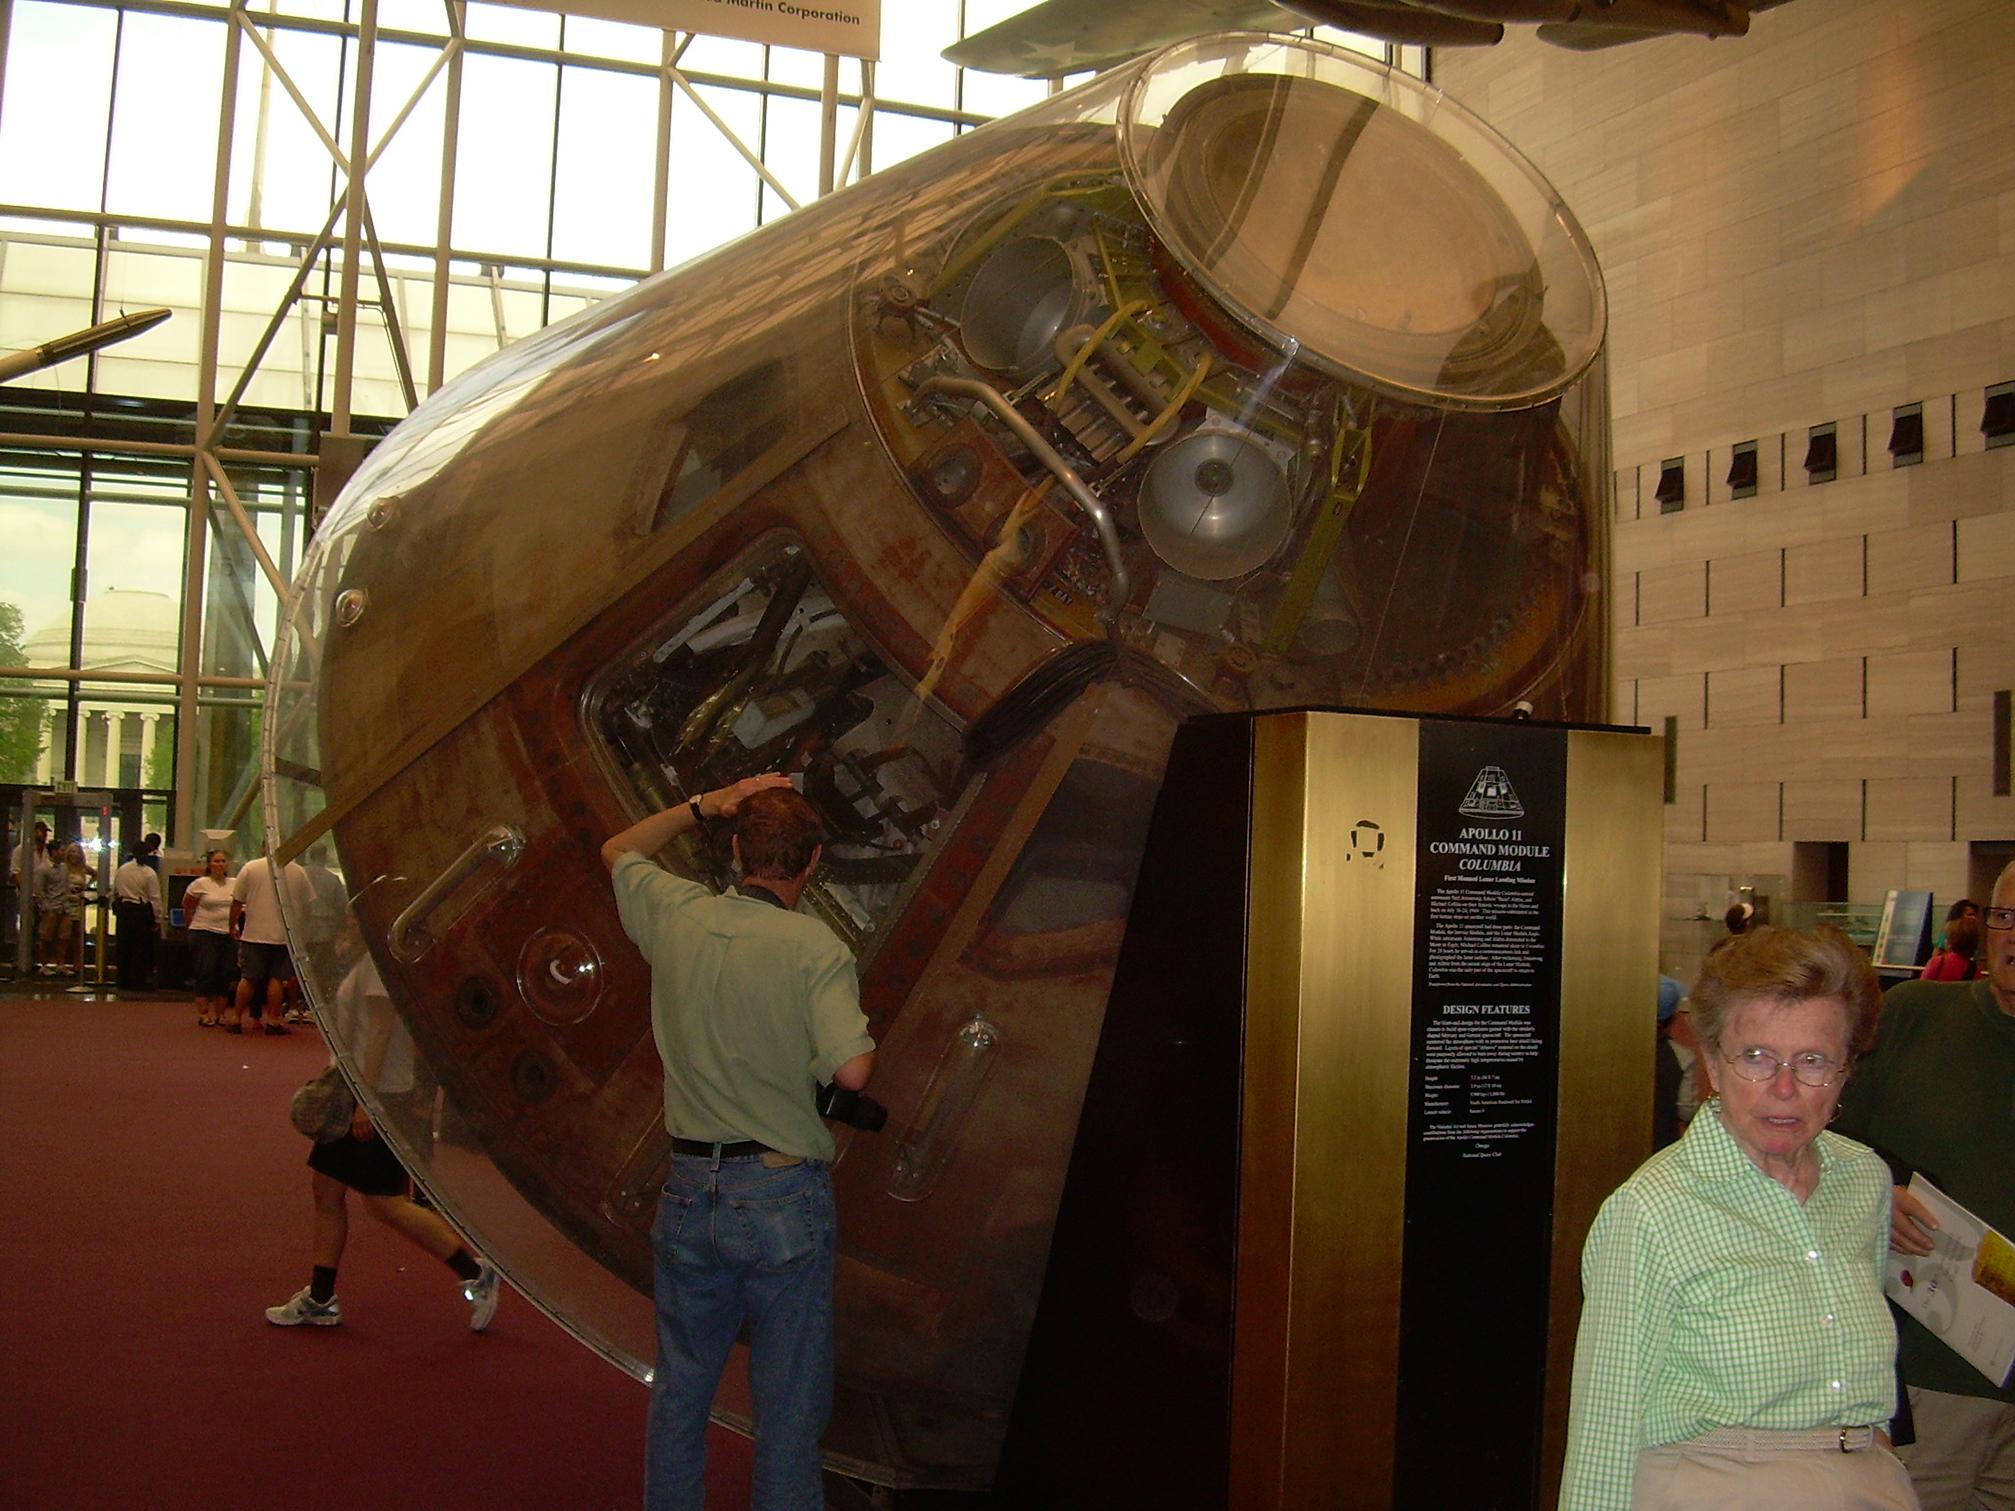 kapsula e muzeun hapsires